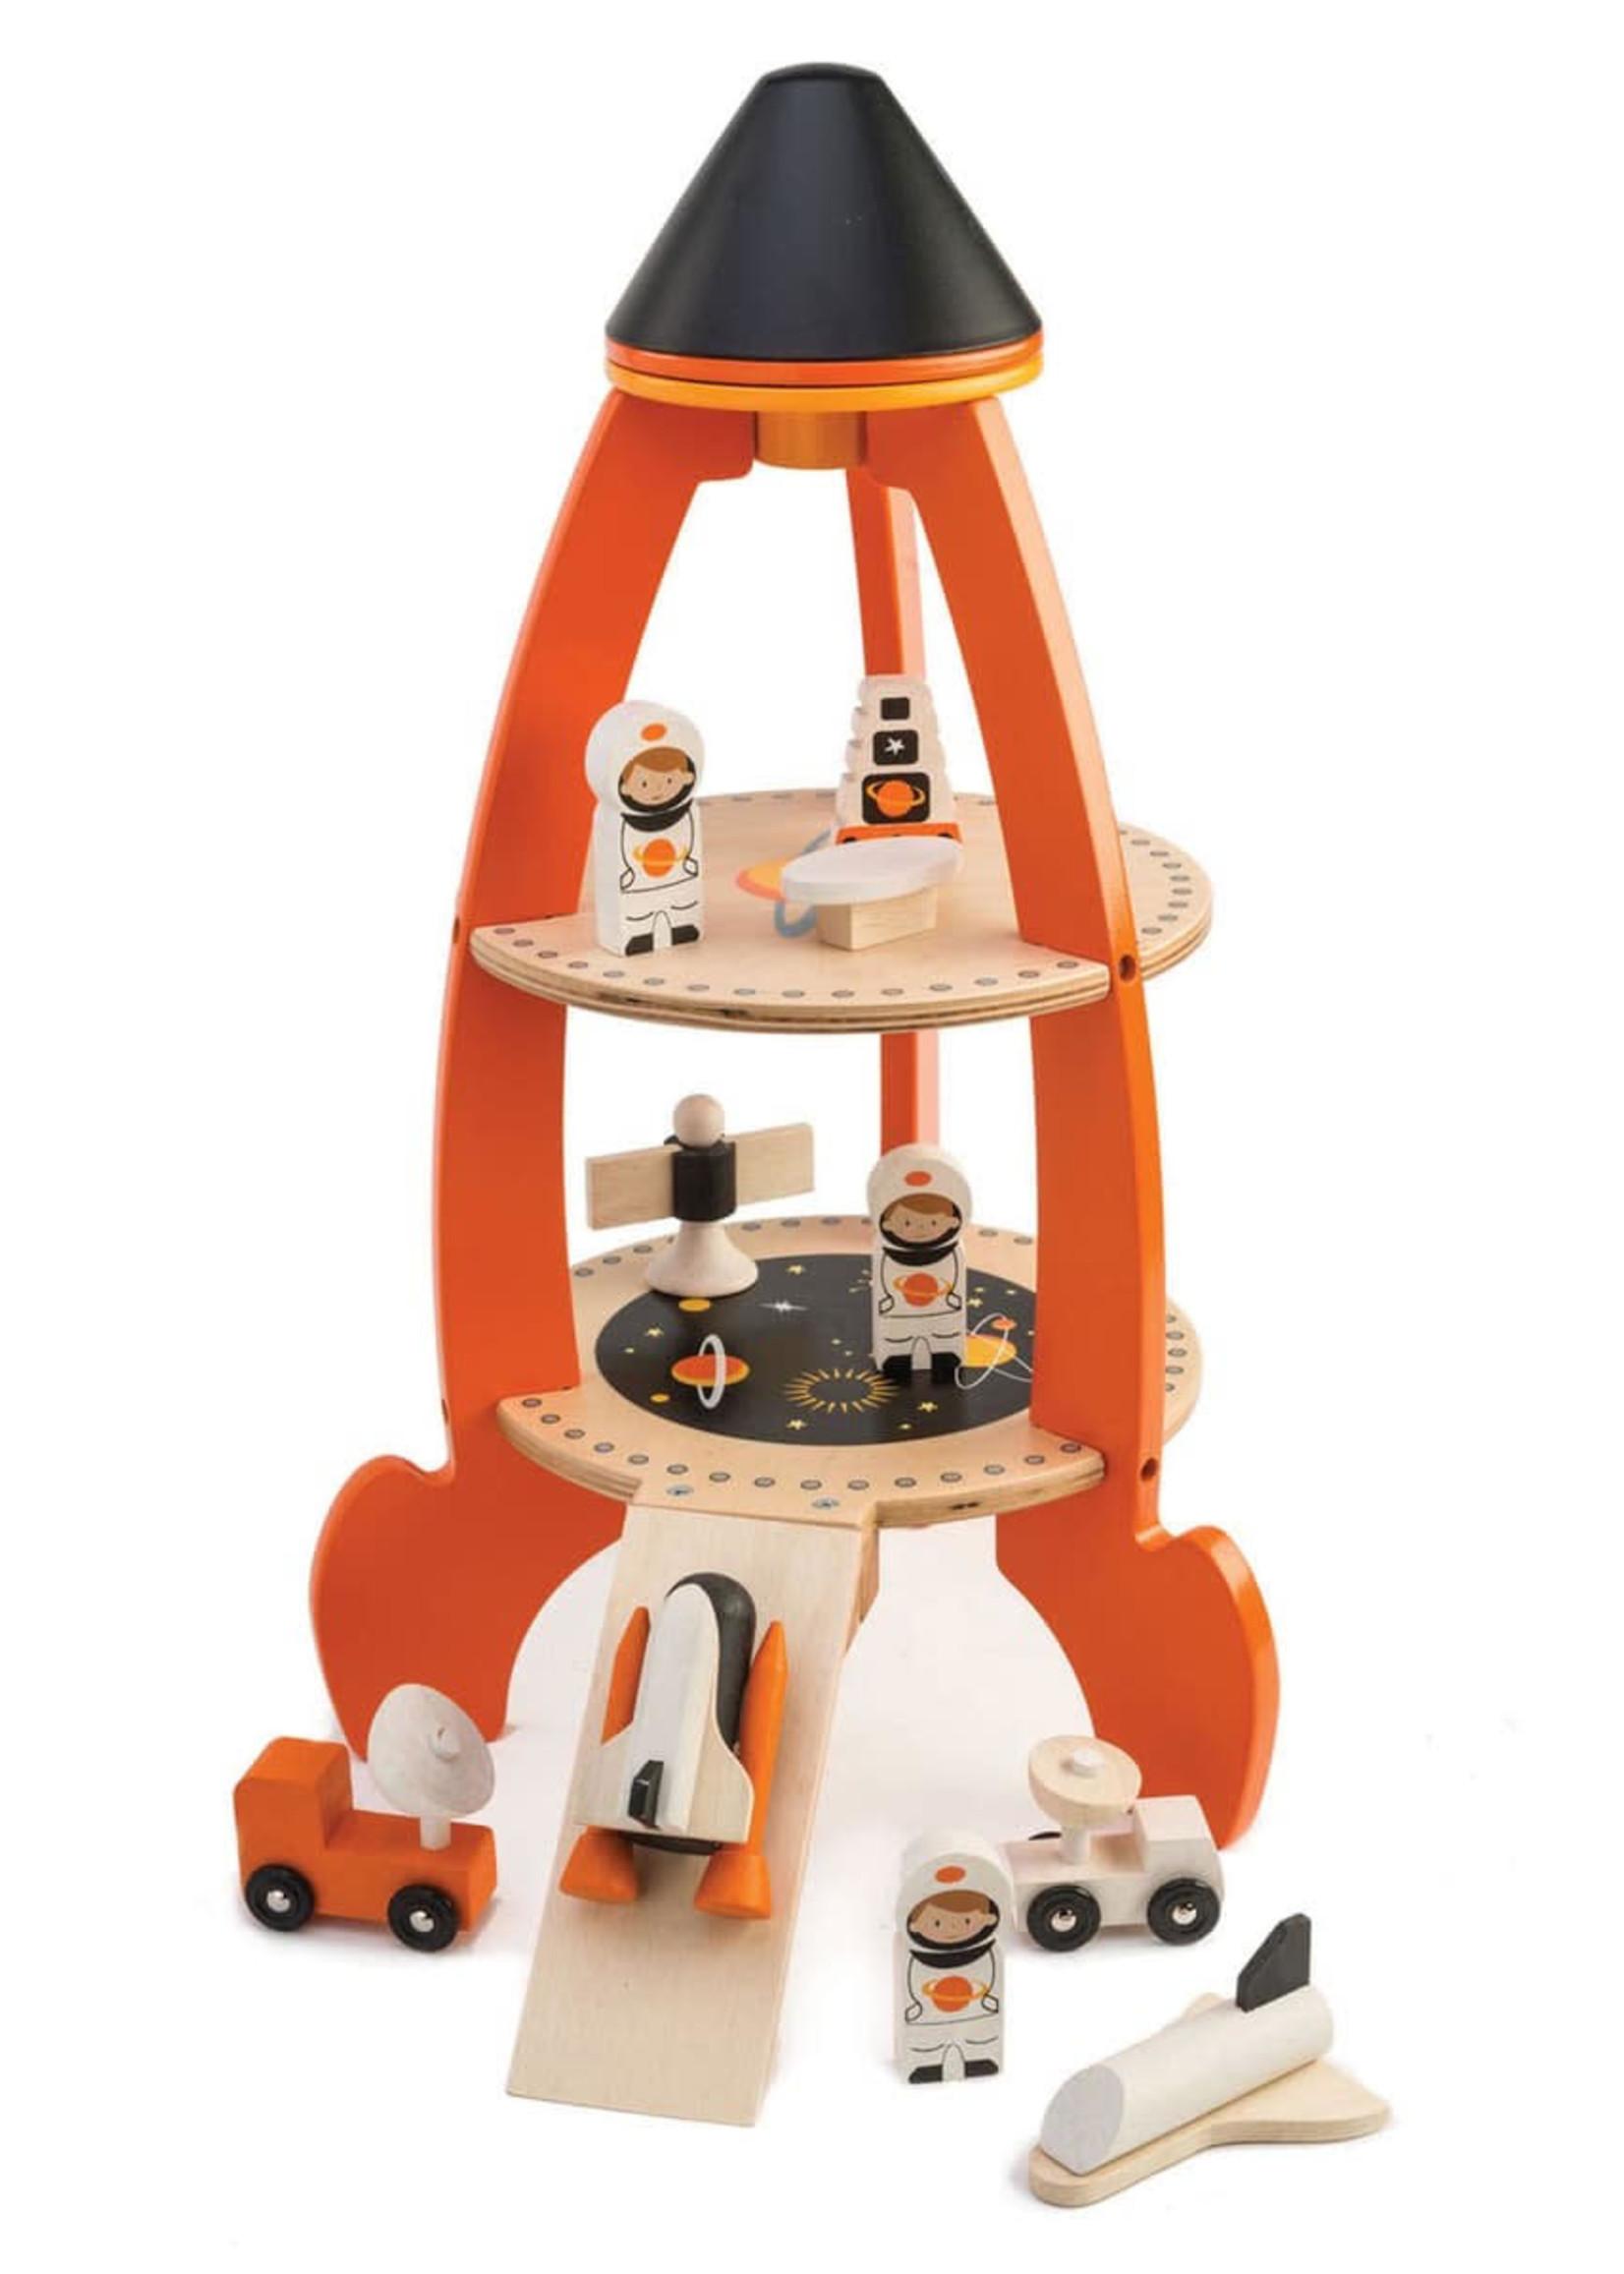 Tender Leaf Toy TLT Cosmic Rocket Set